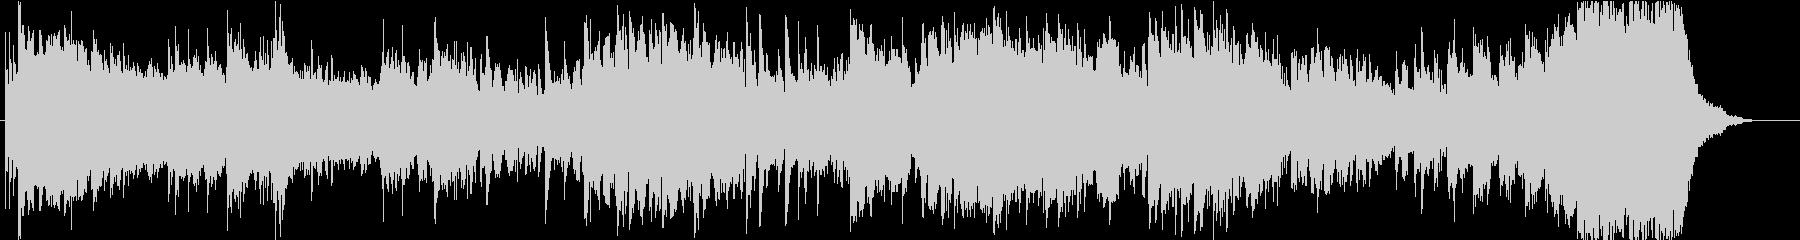 サスペンス用 短いBGMの未再生の波形